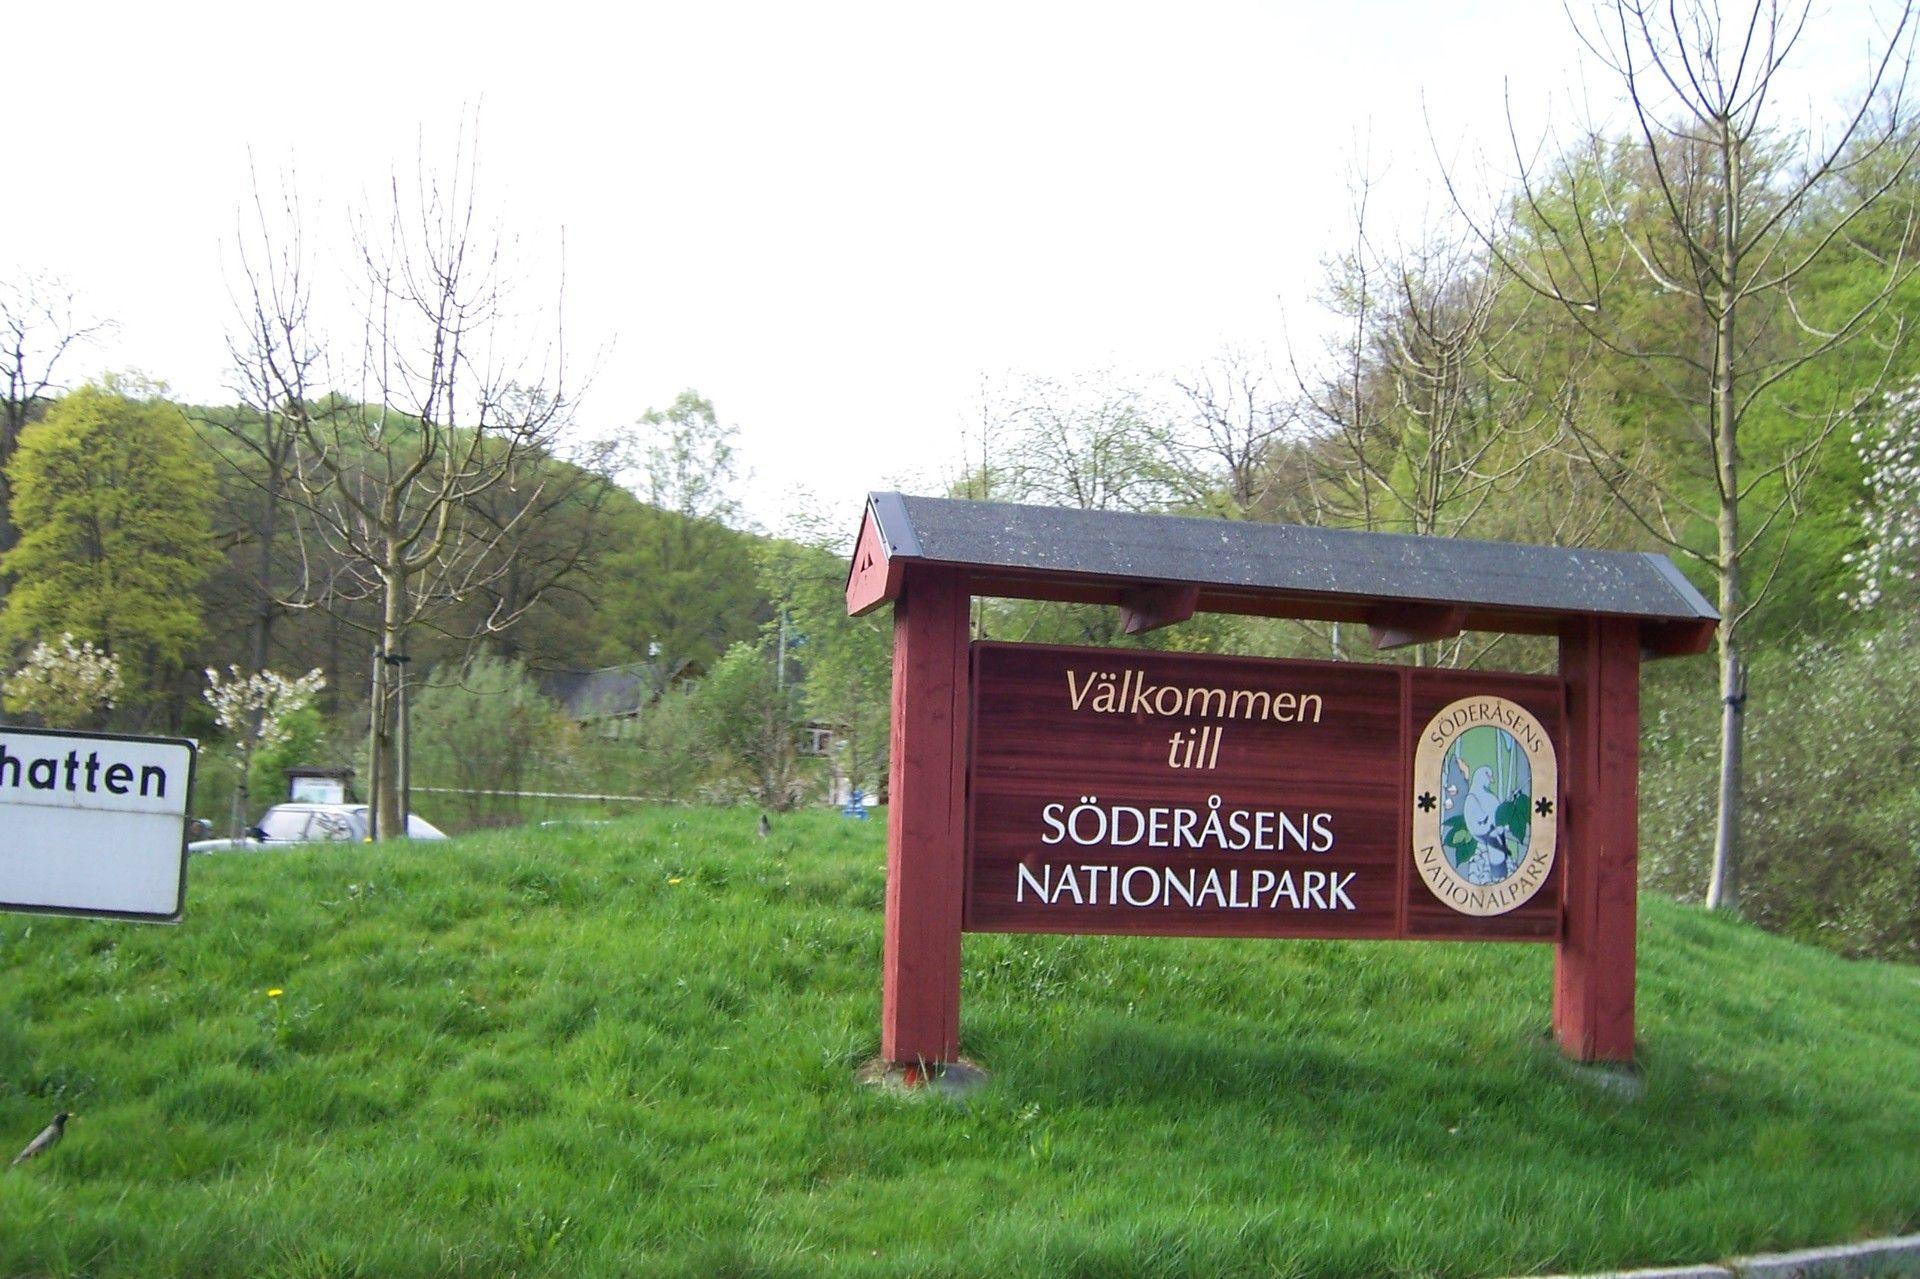 Sweden National Parks | Sweden Söderåsen National Park